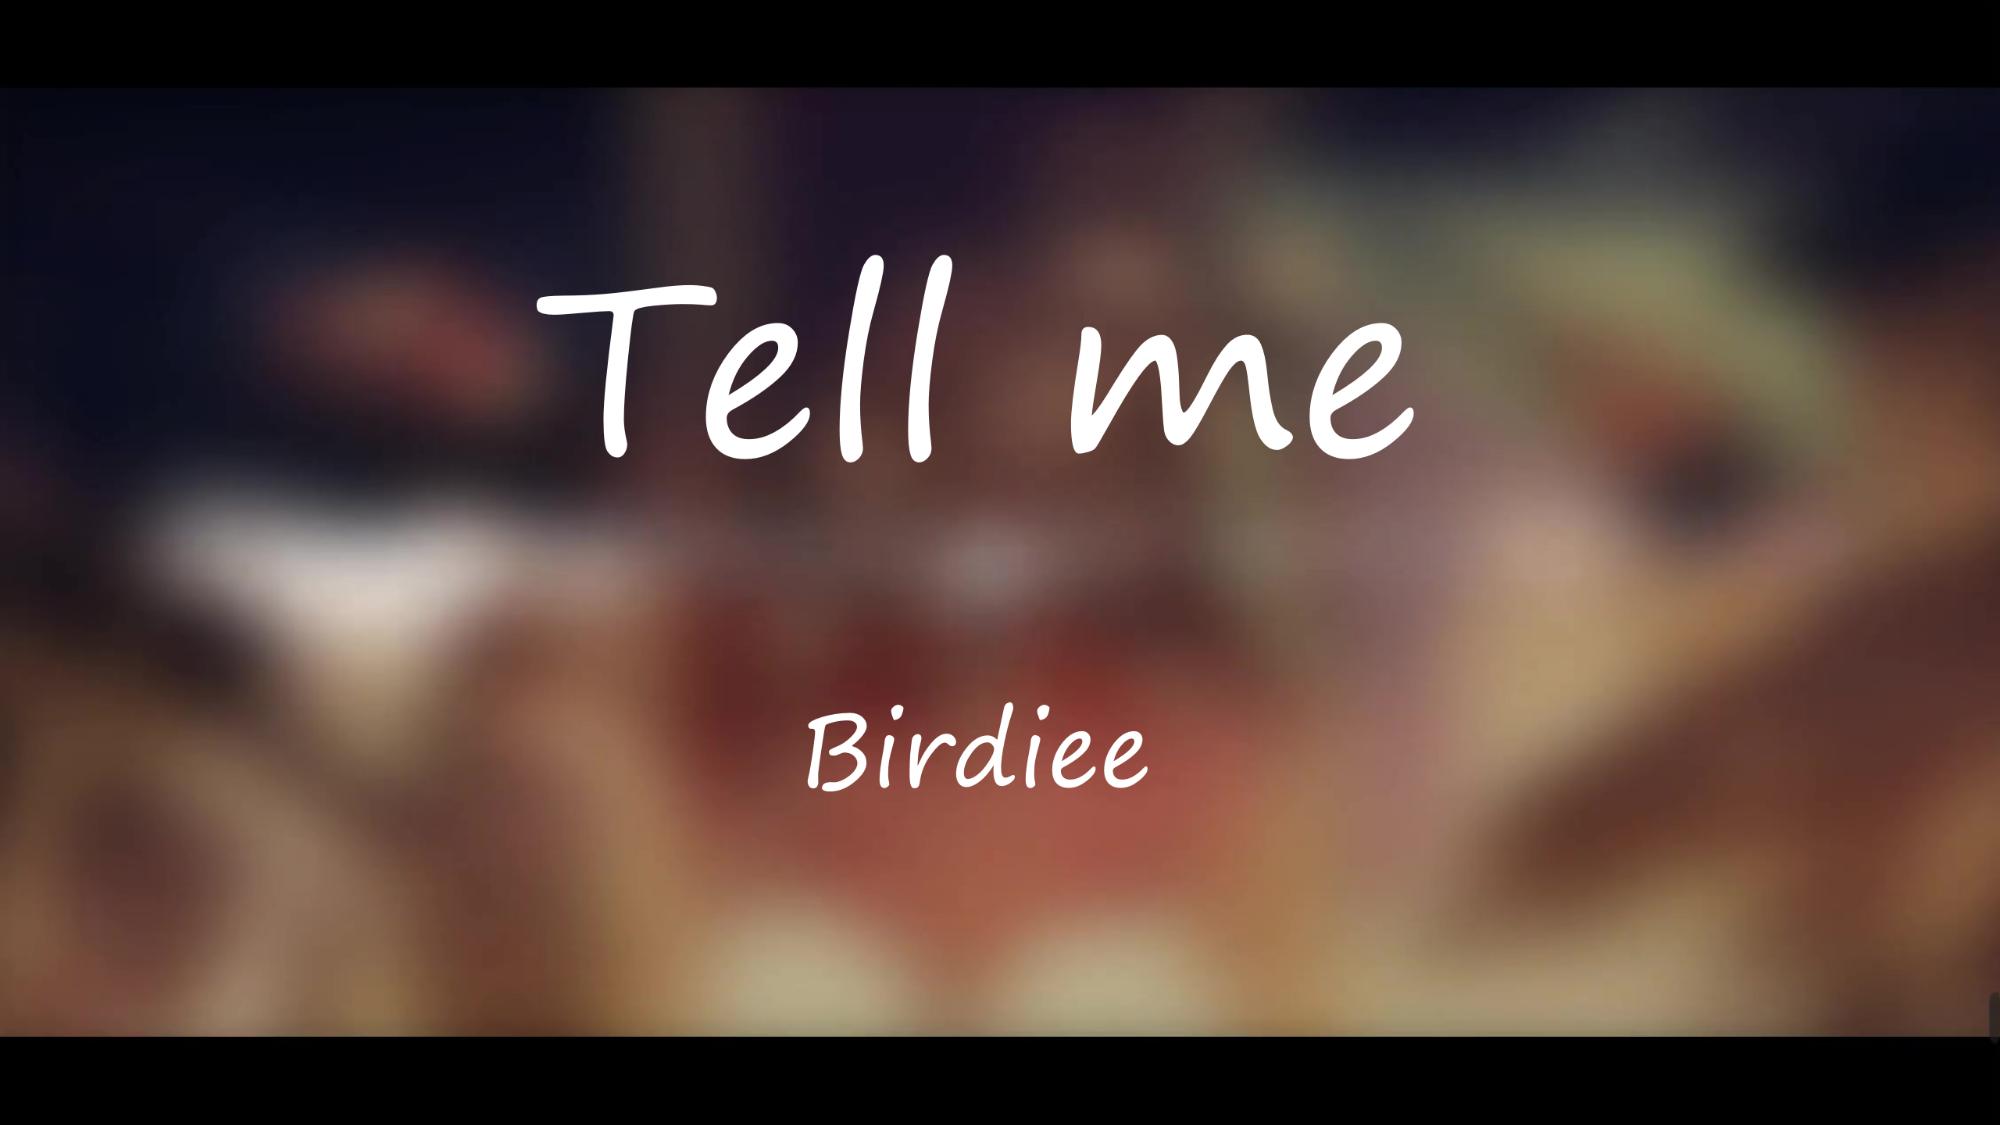 【Birdiee】Tell me